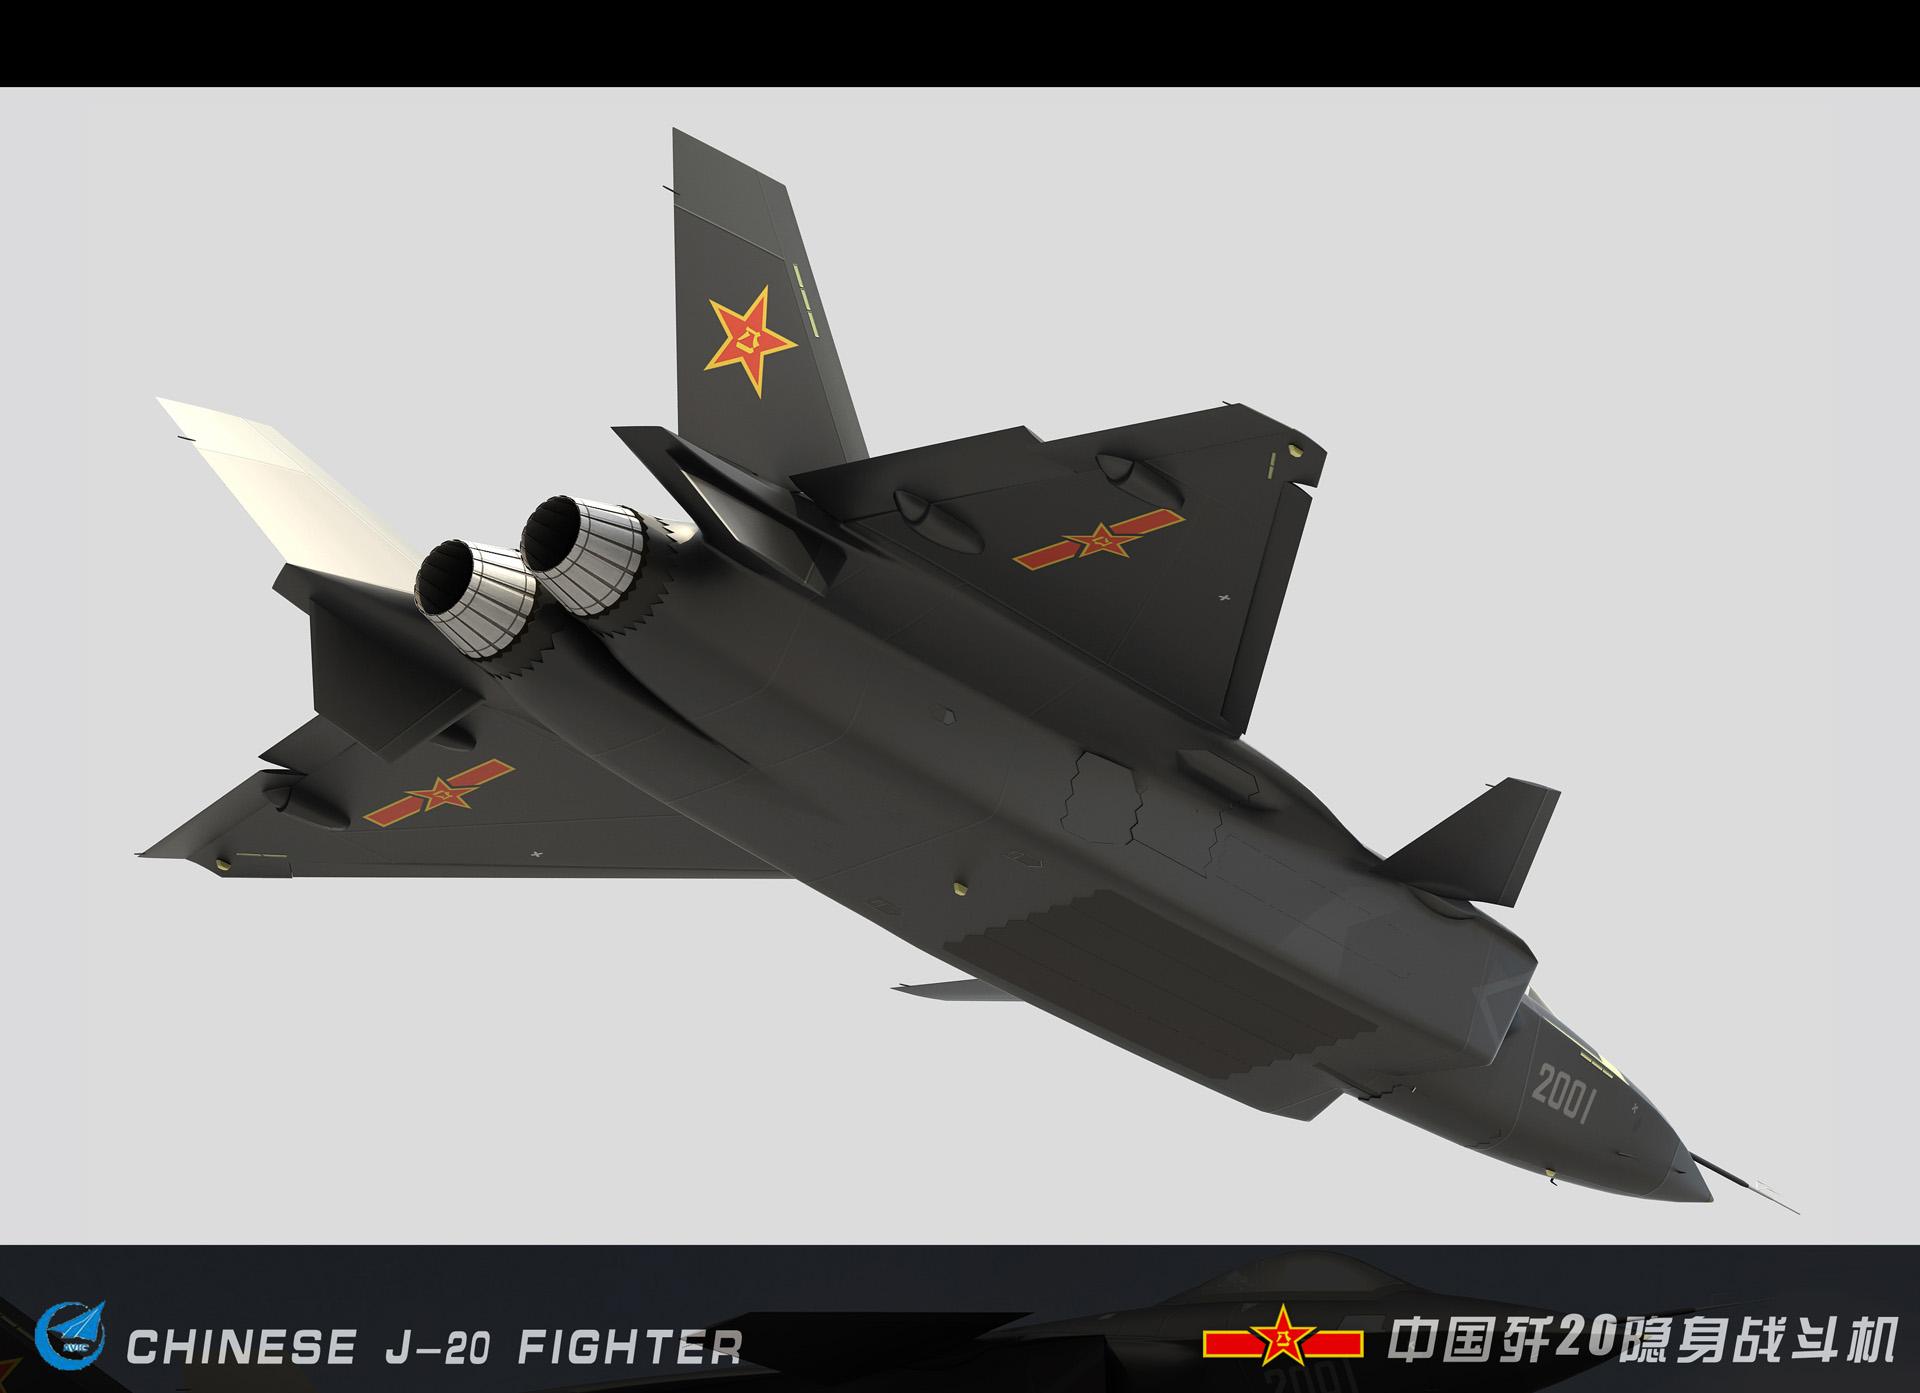 俄称歼-20融合全球先进技术但发动机仍是短板